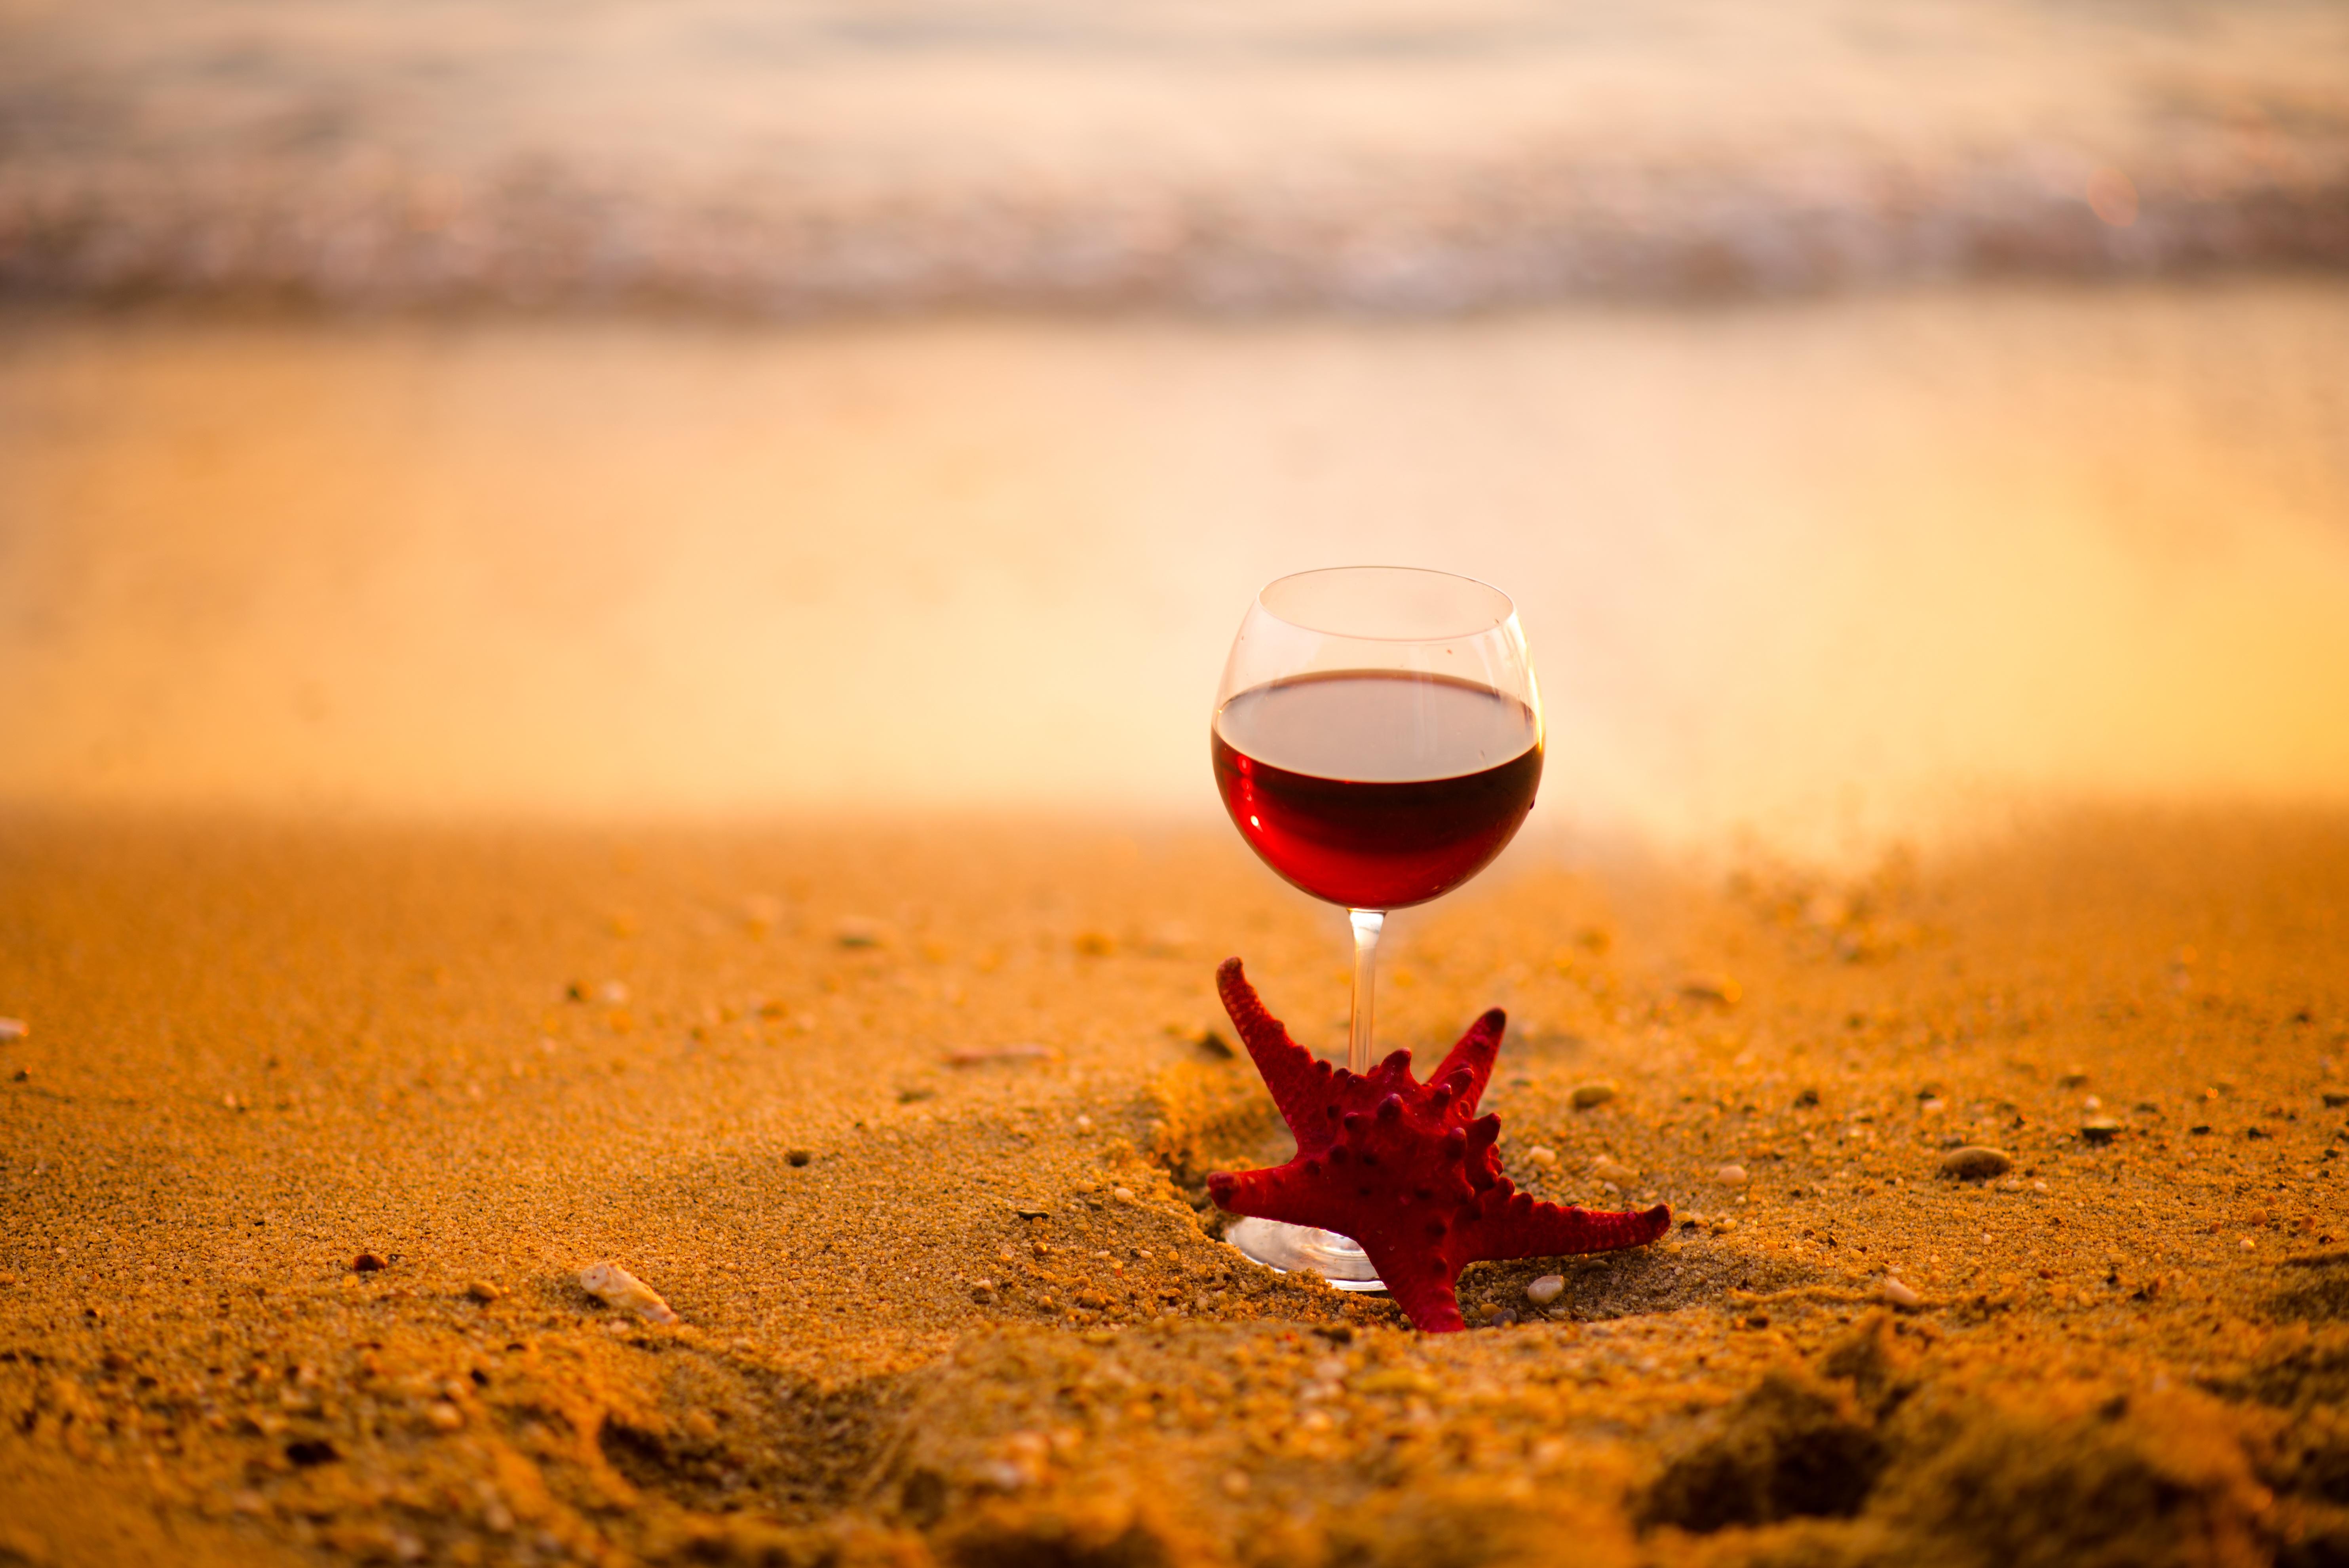 картинки бокалов с вином на фоне моря фоткам судить тихий